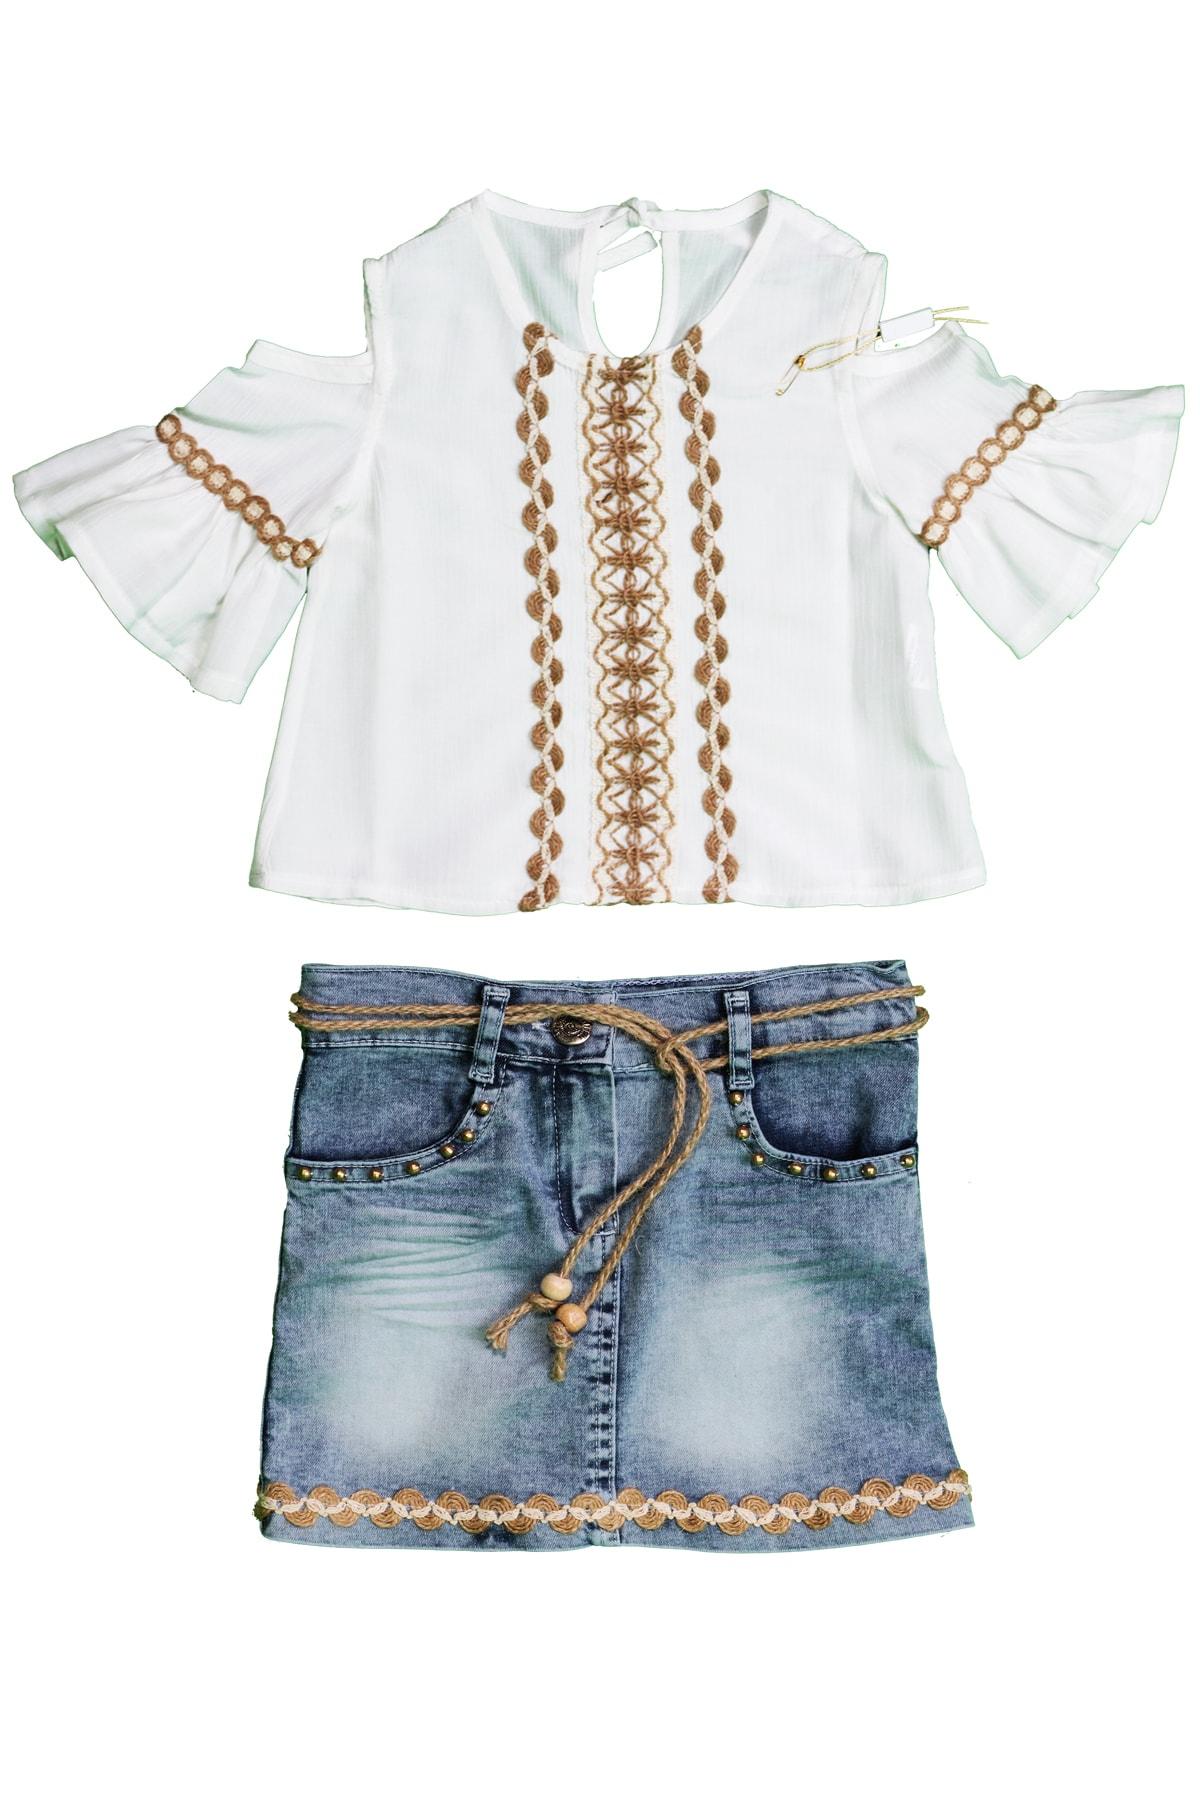 Kız Çocuk Kot Etekli Gömlekli İkili Takım